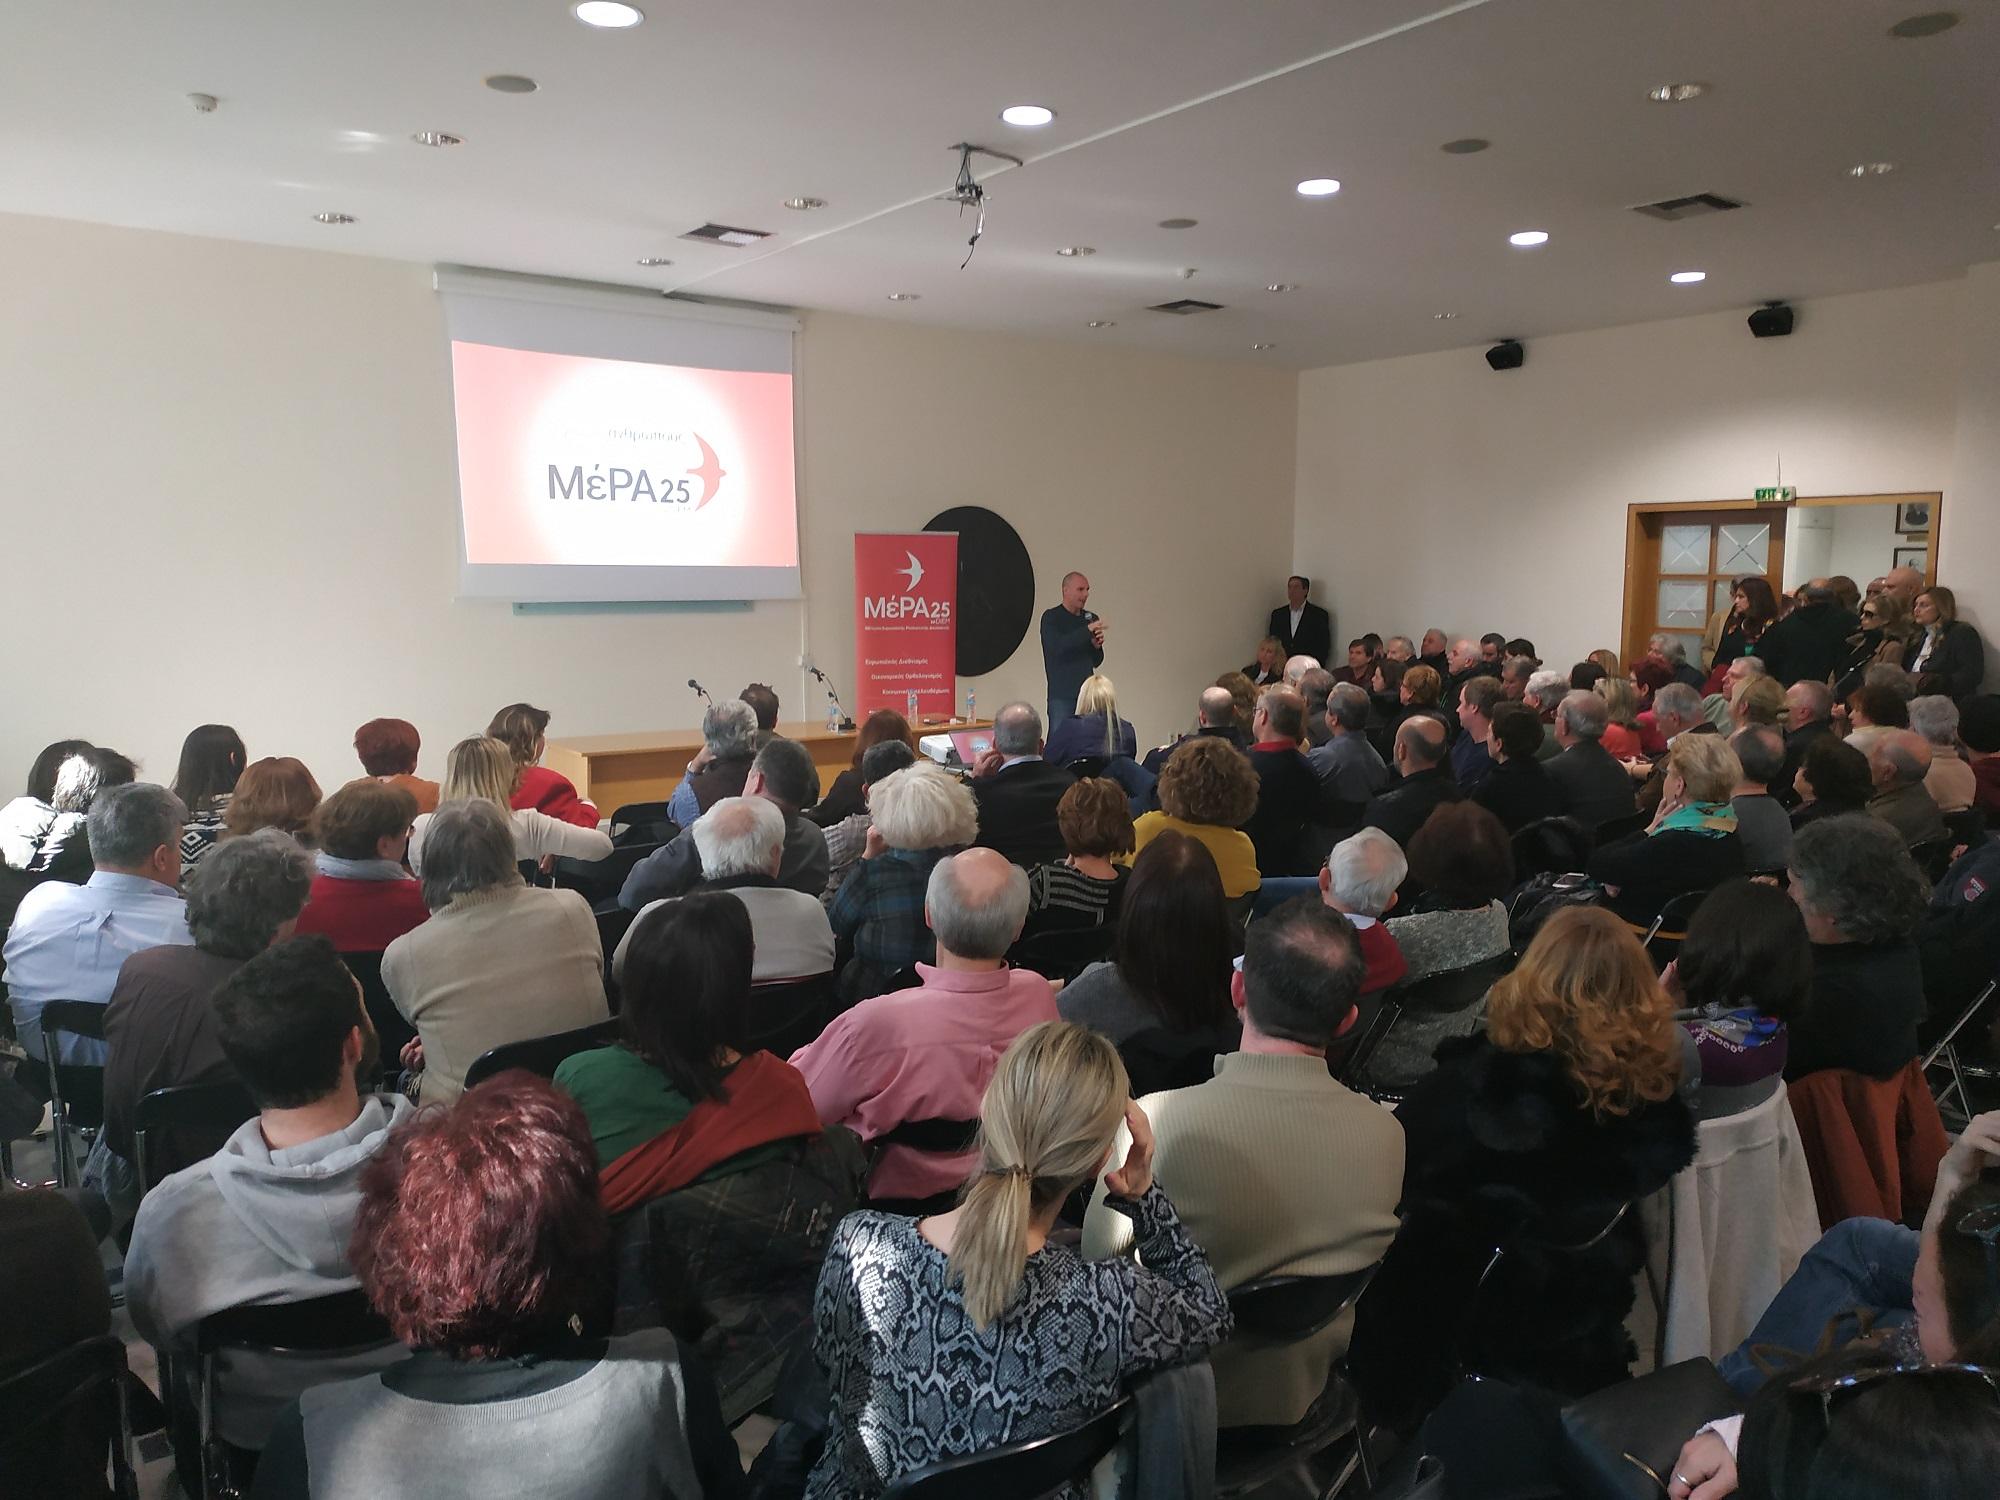 """""""Σοσιαλισμός για τους τραπεζίτες, σκληρή λιτότητα για τους λαούς. Αυτή την ΕΕ αντιμαχόμαστε"""" – Μαρούσι, 10/2"""